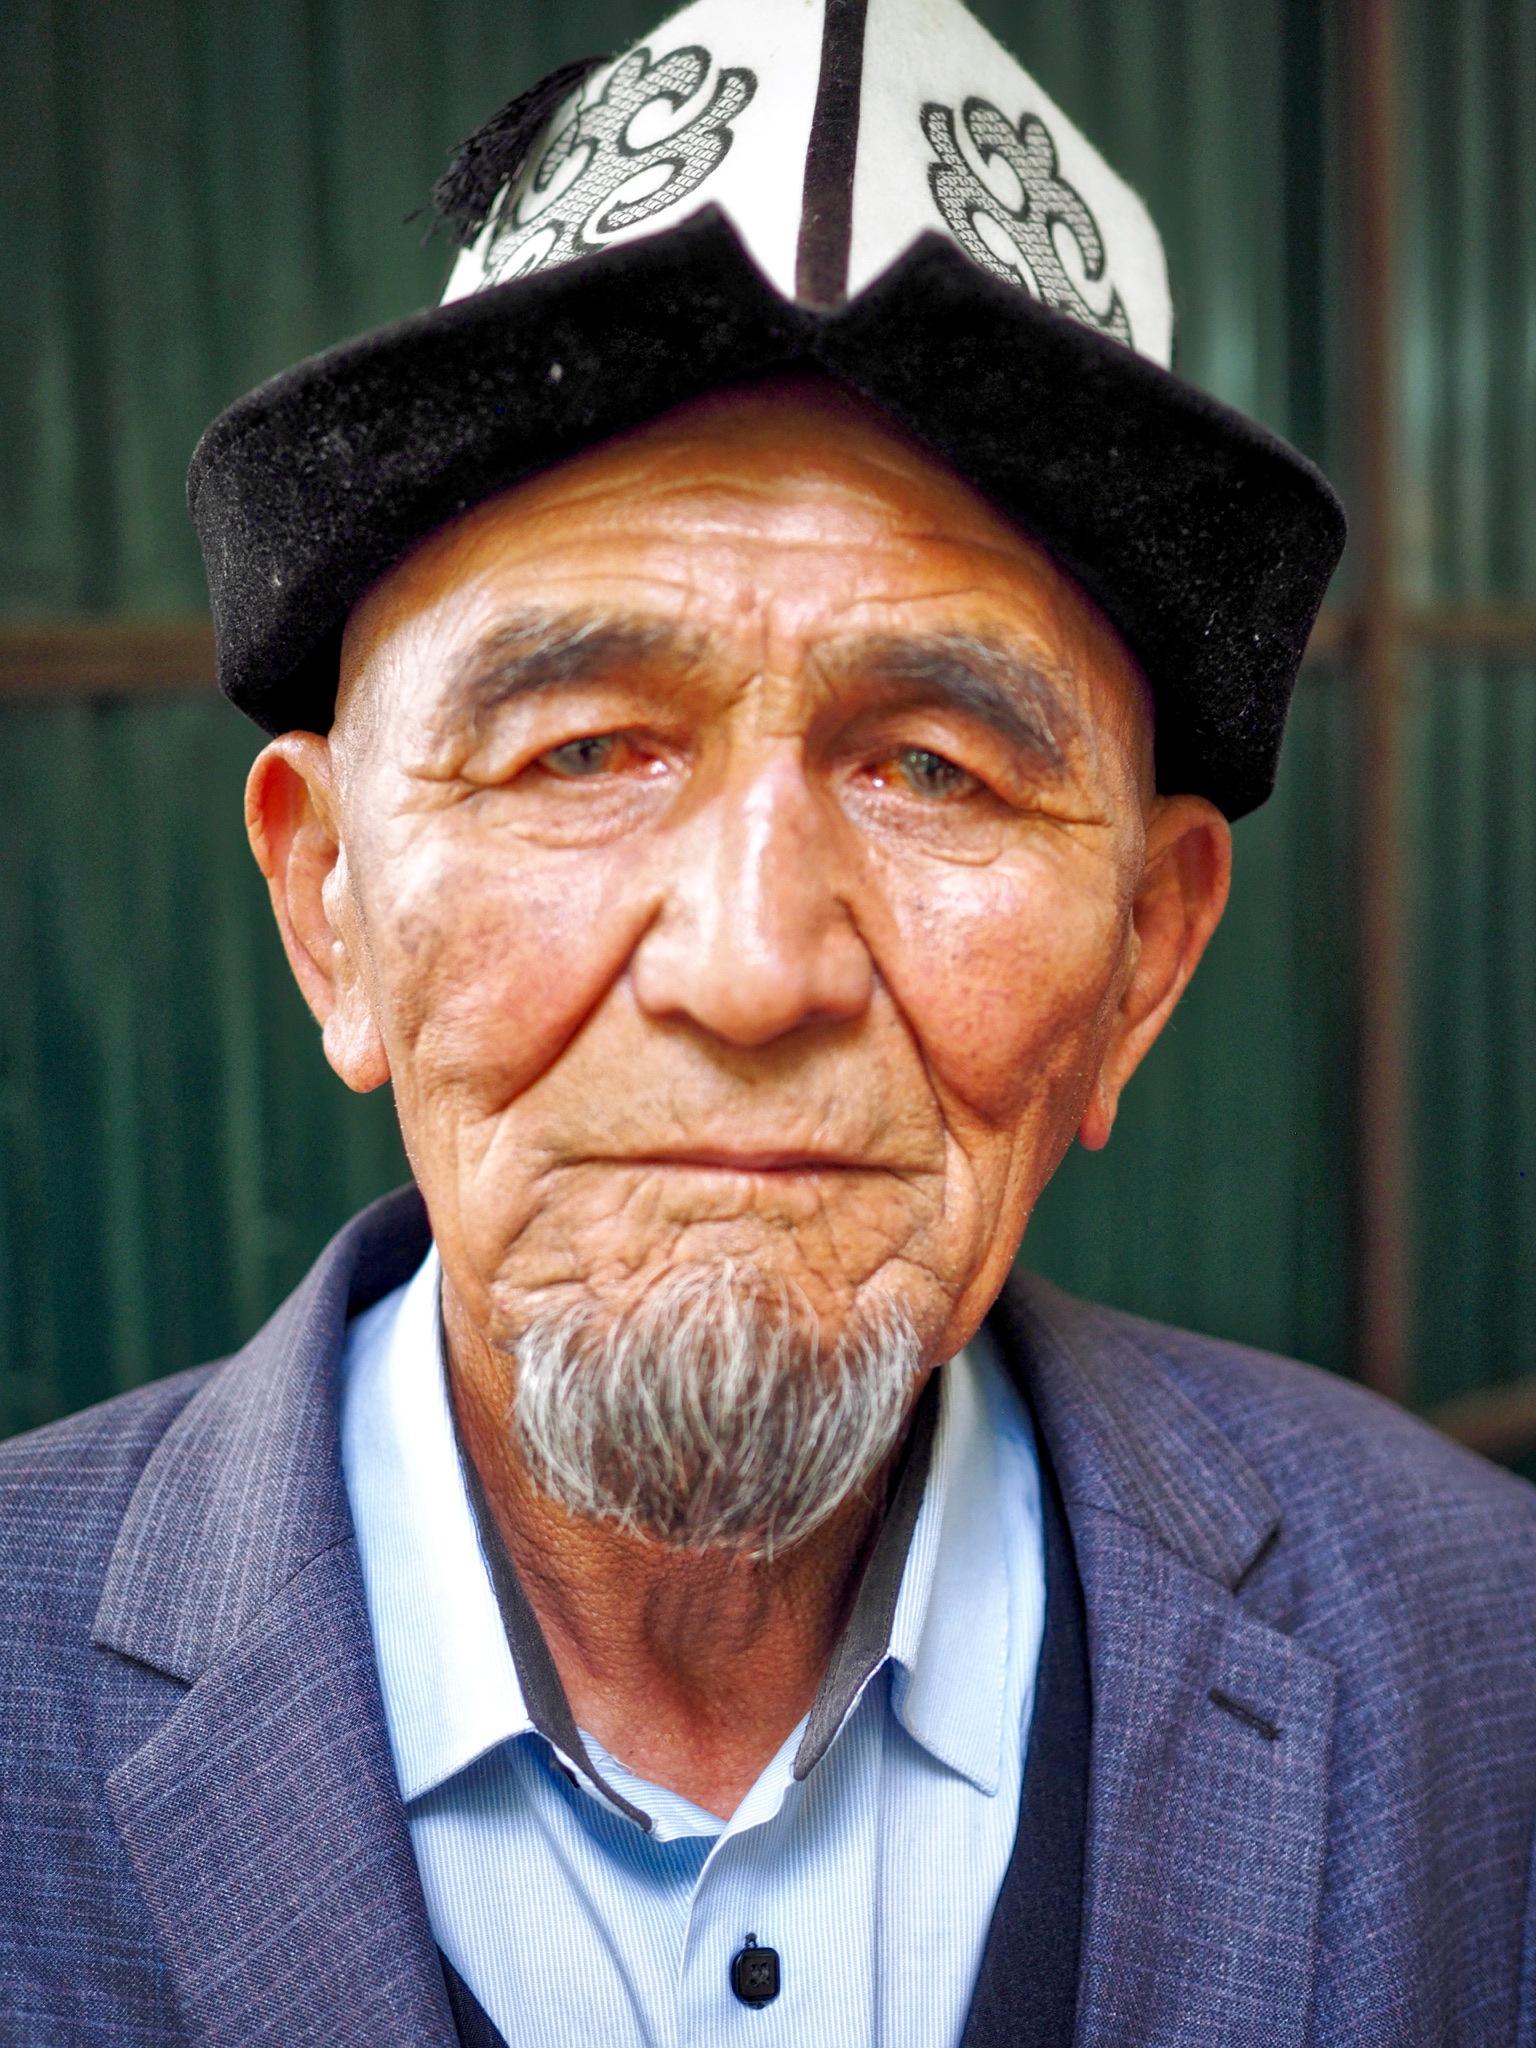 Kyrgyz man by Dietrik Vr